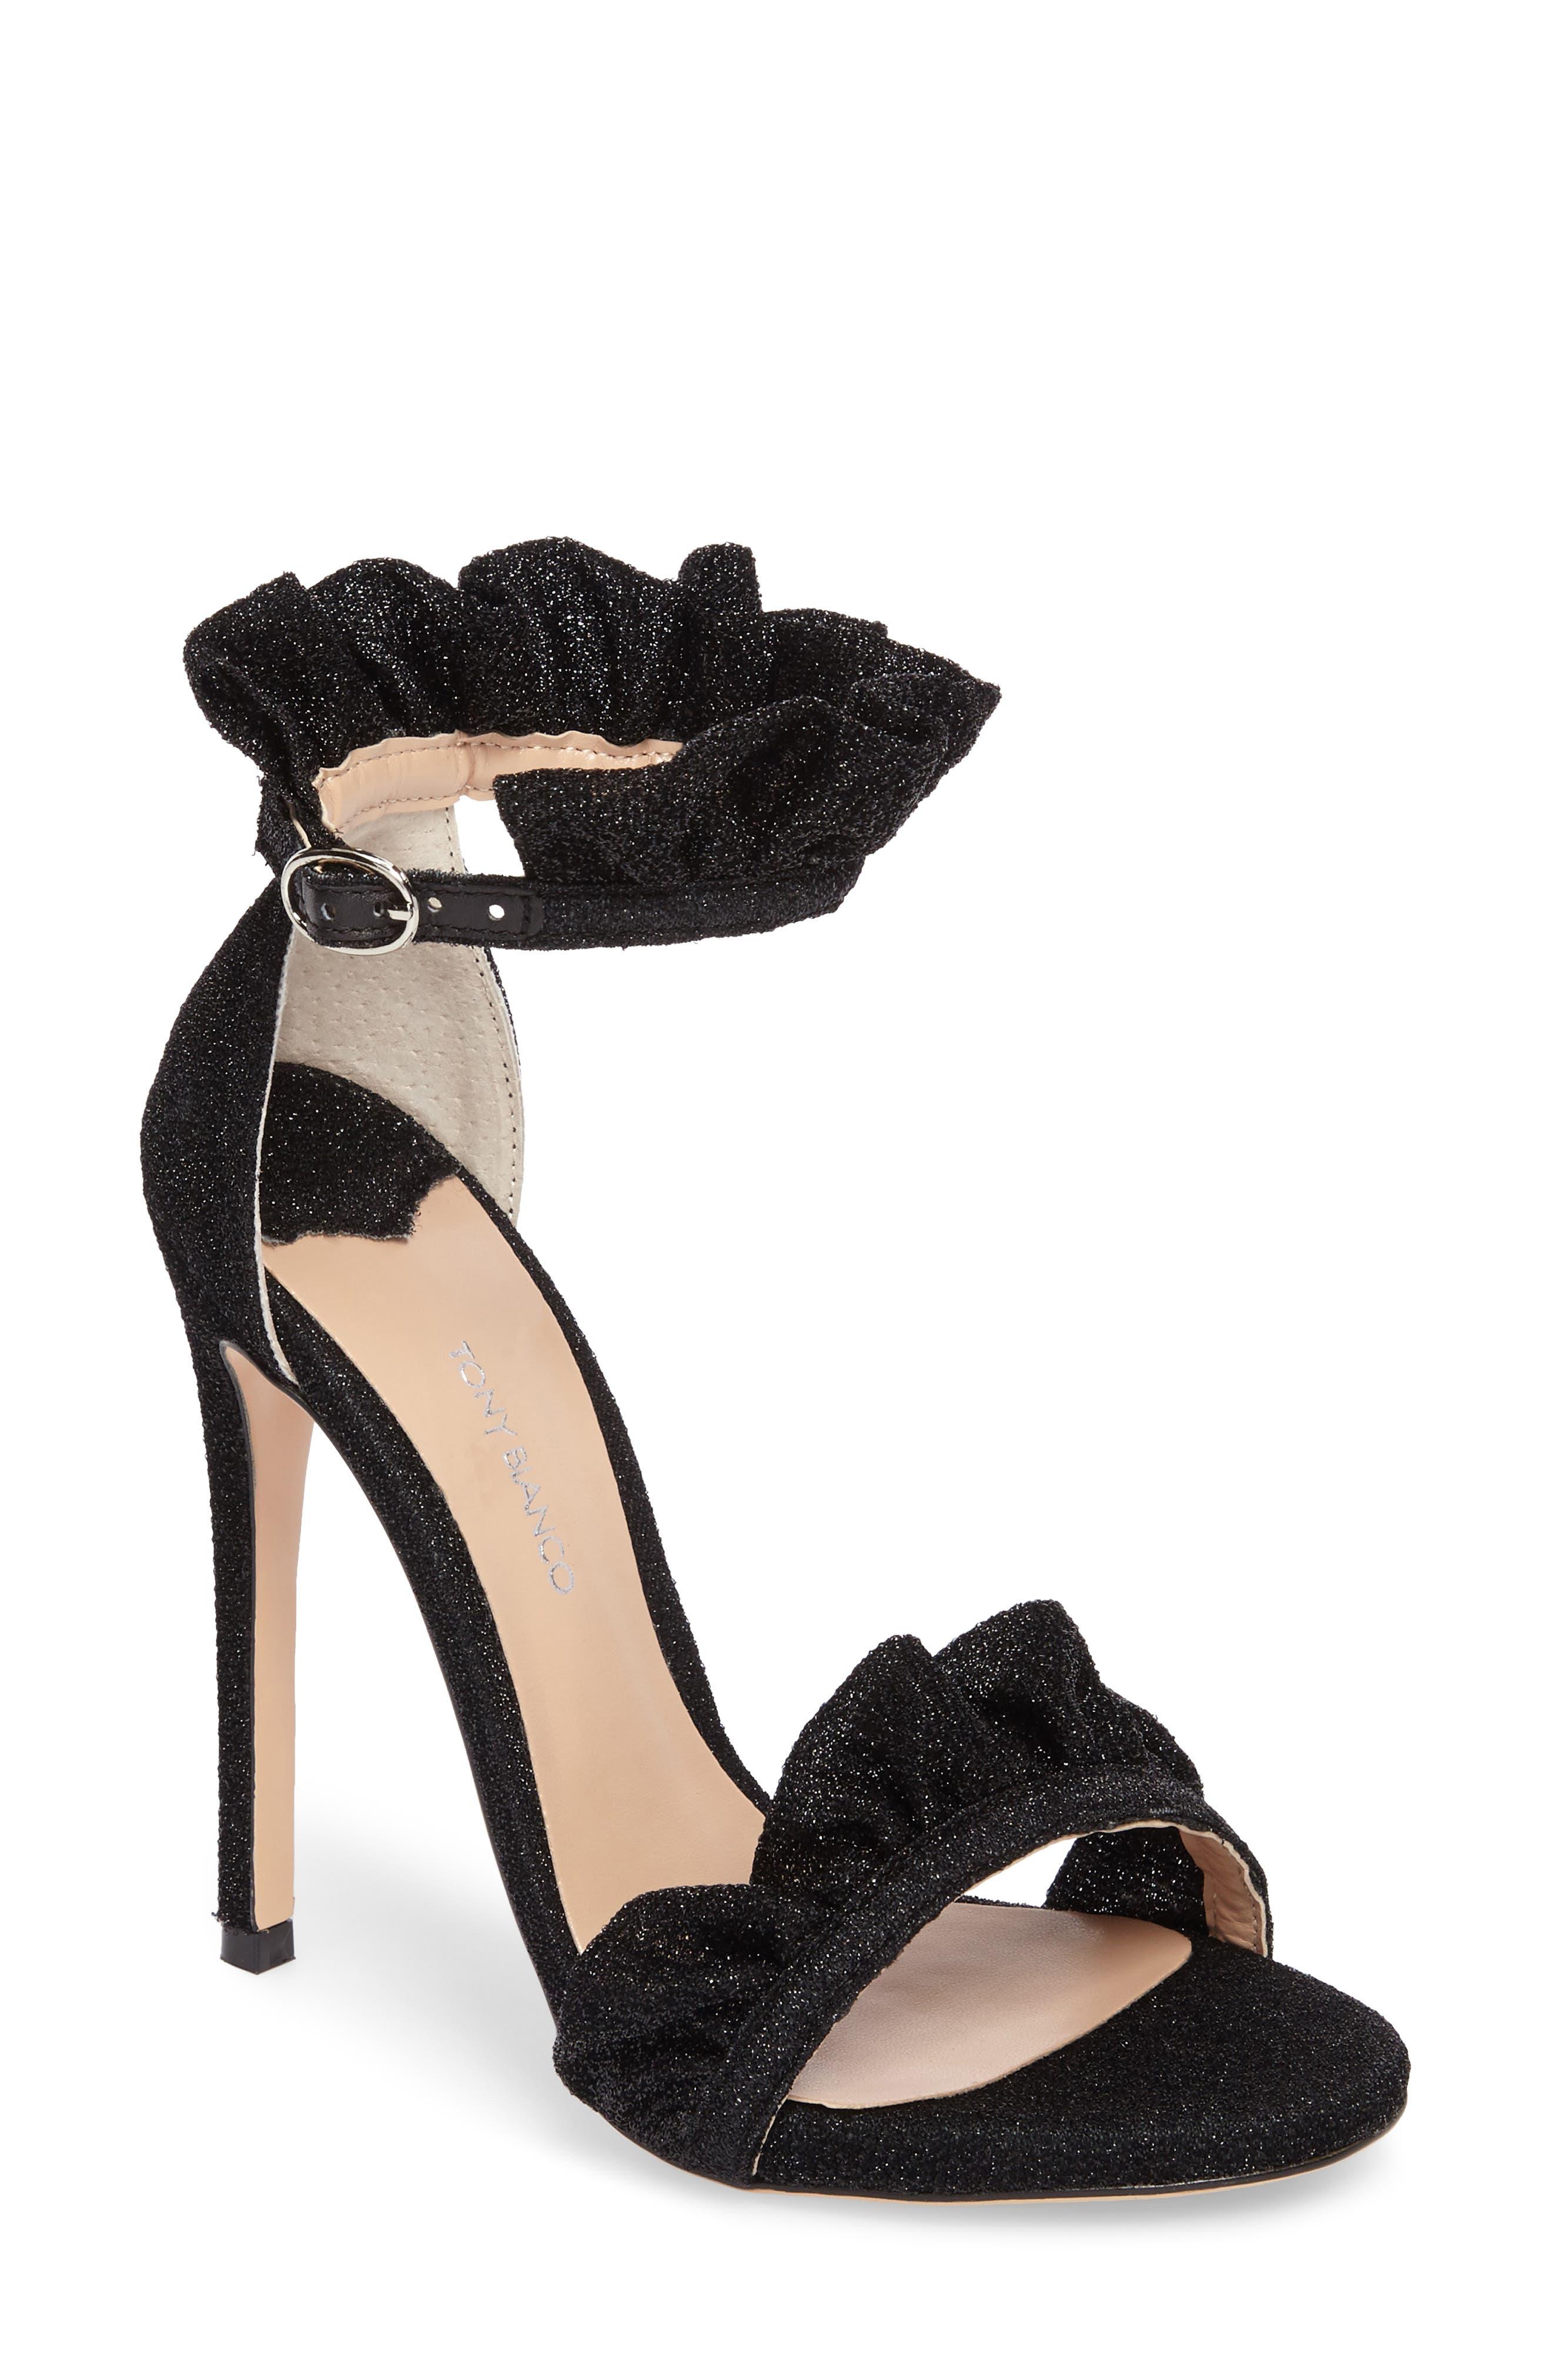 Tony Bianco Ascot Sandal, Black